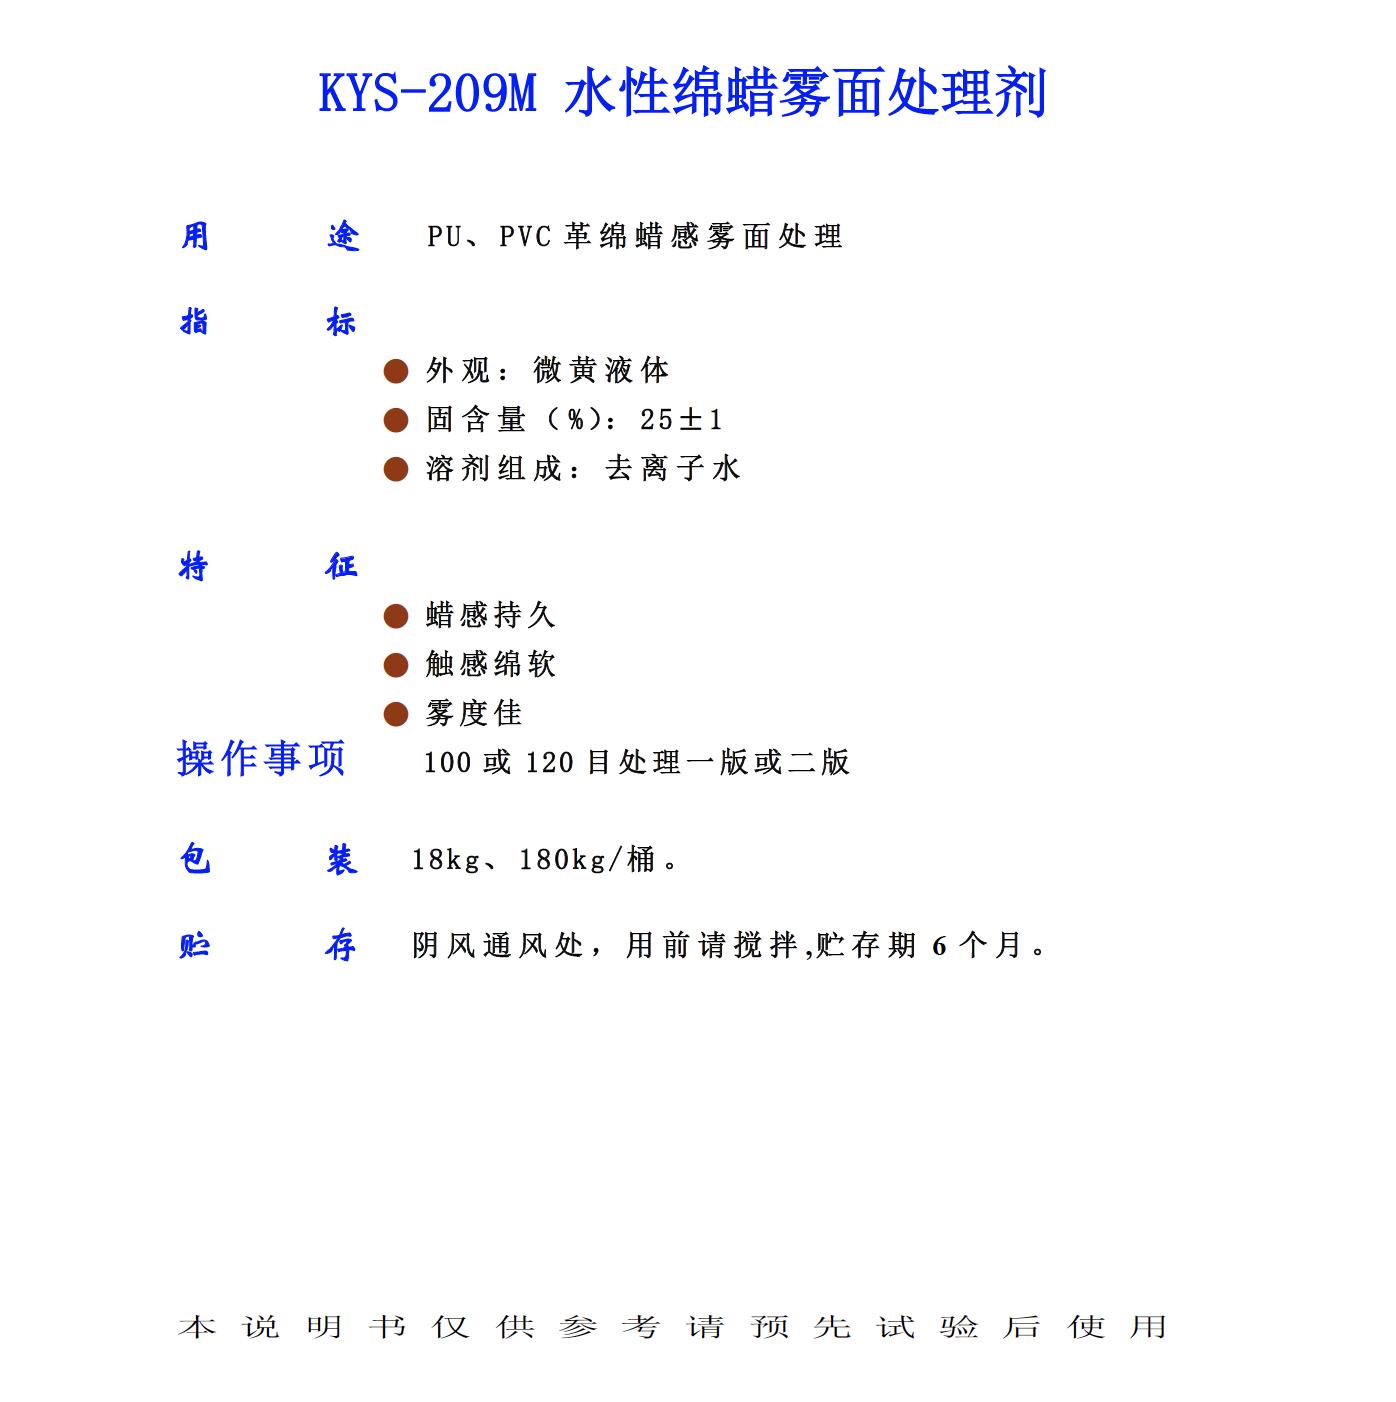 KYS 209M 水性绵蜡雾面处理剂